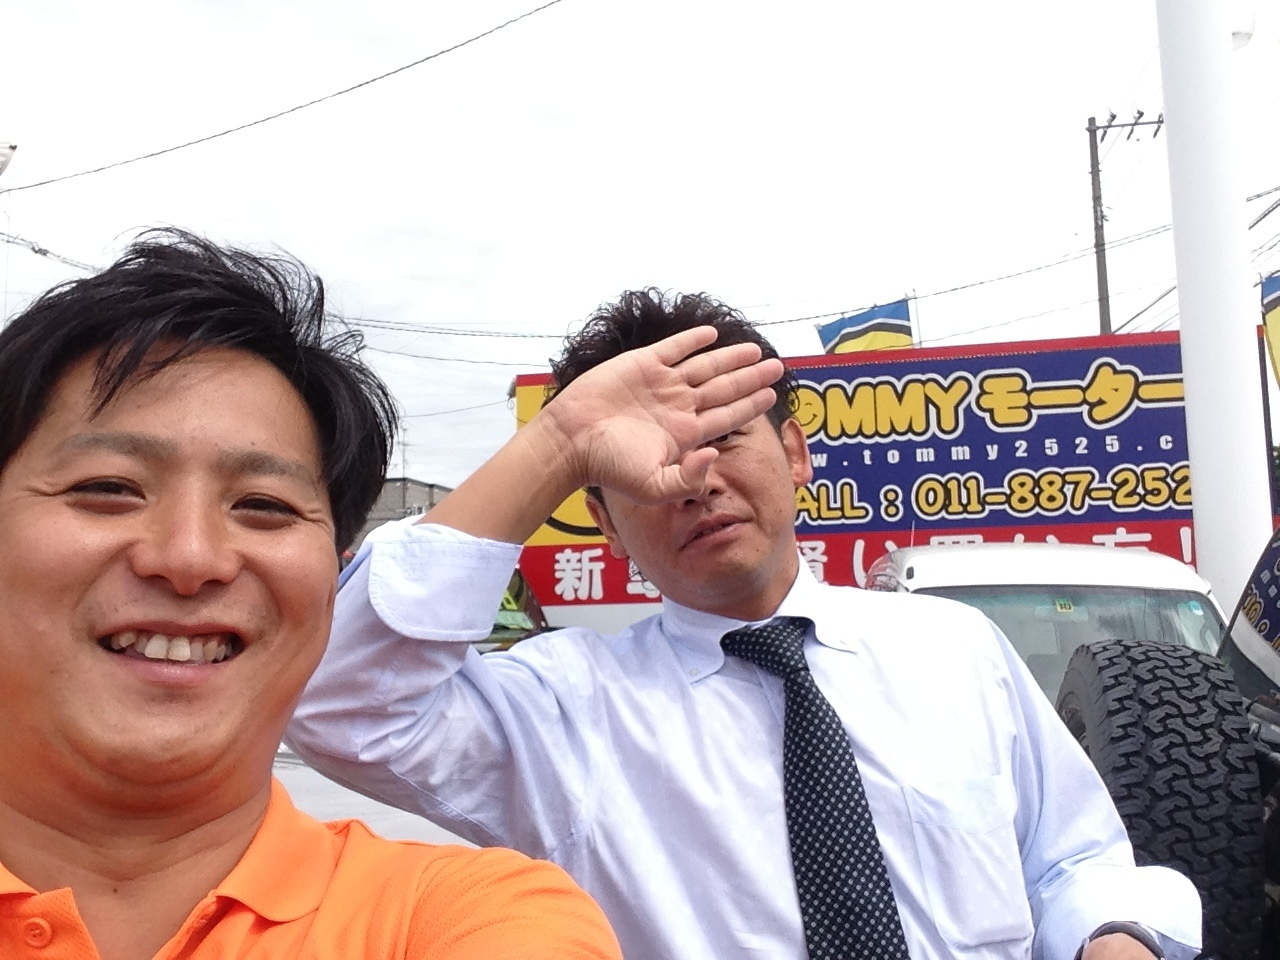 ランクル TOMMY 2013 7月ダイジェスト総編集NO2 クマブログ_b0127002_18174348.jpg